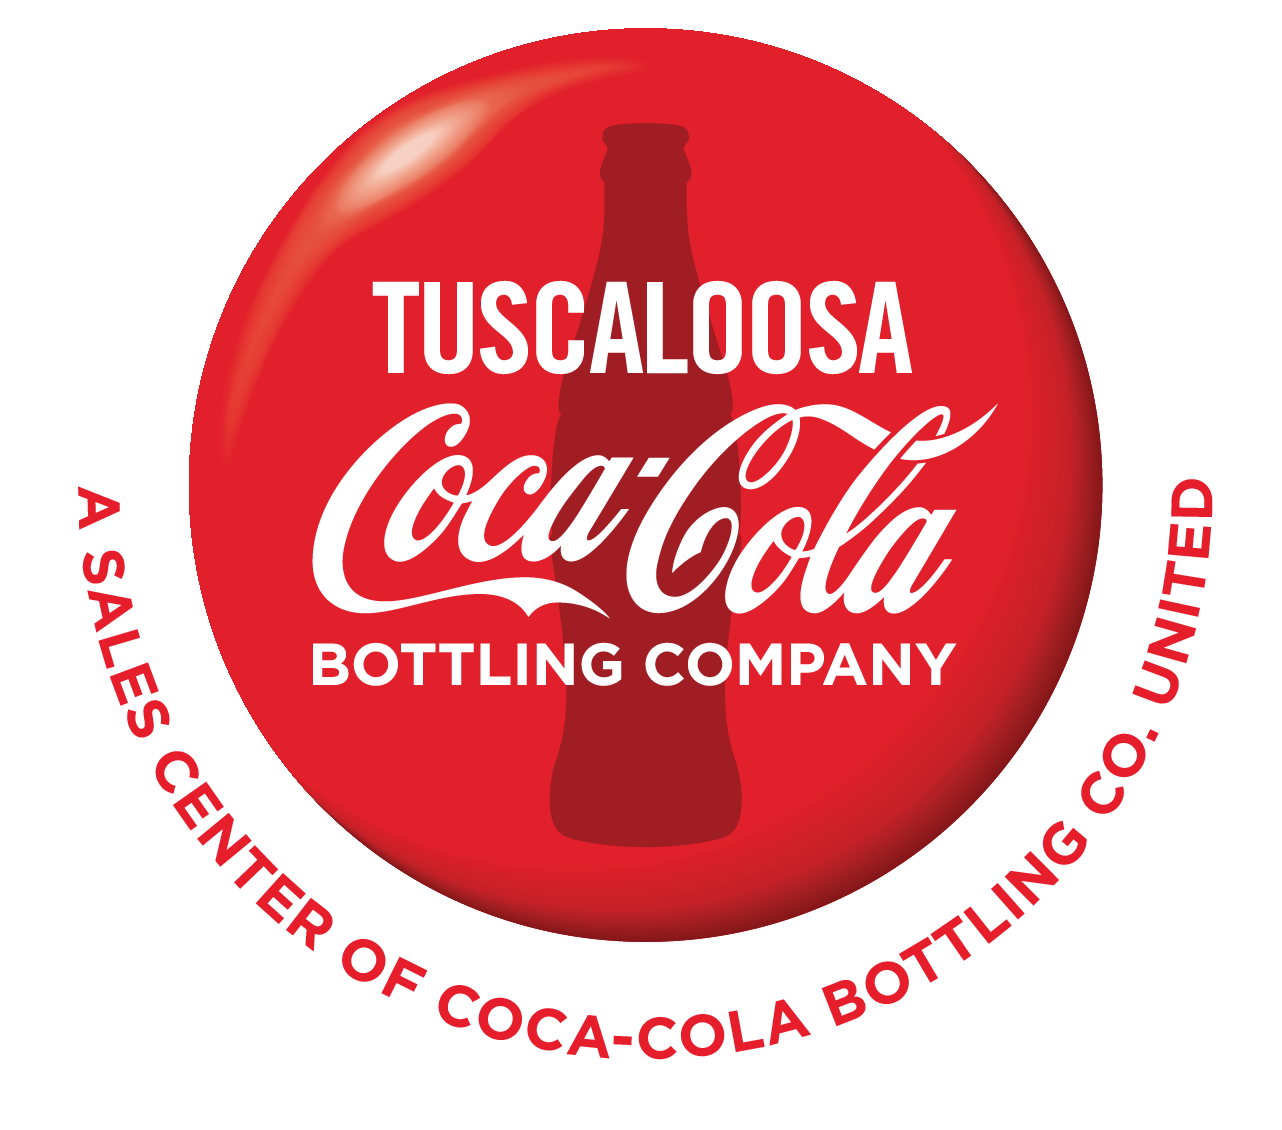 CC_United_Logo_Tuscaloosa-e1535516127909.png